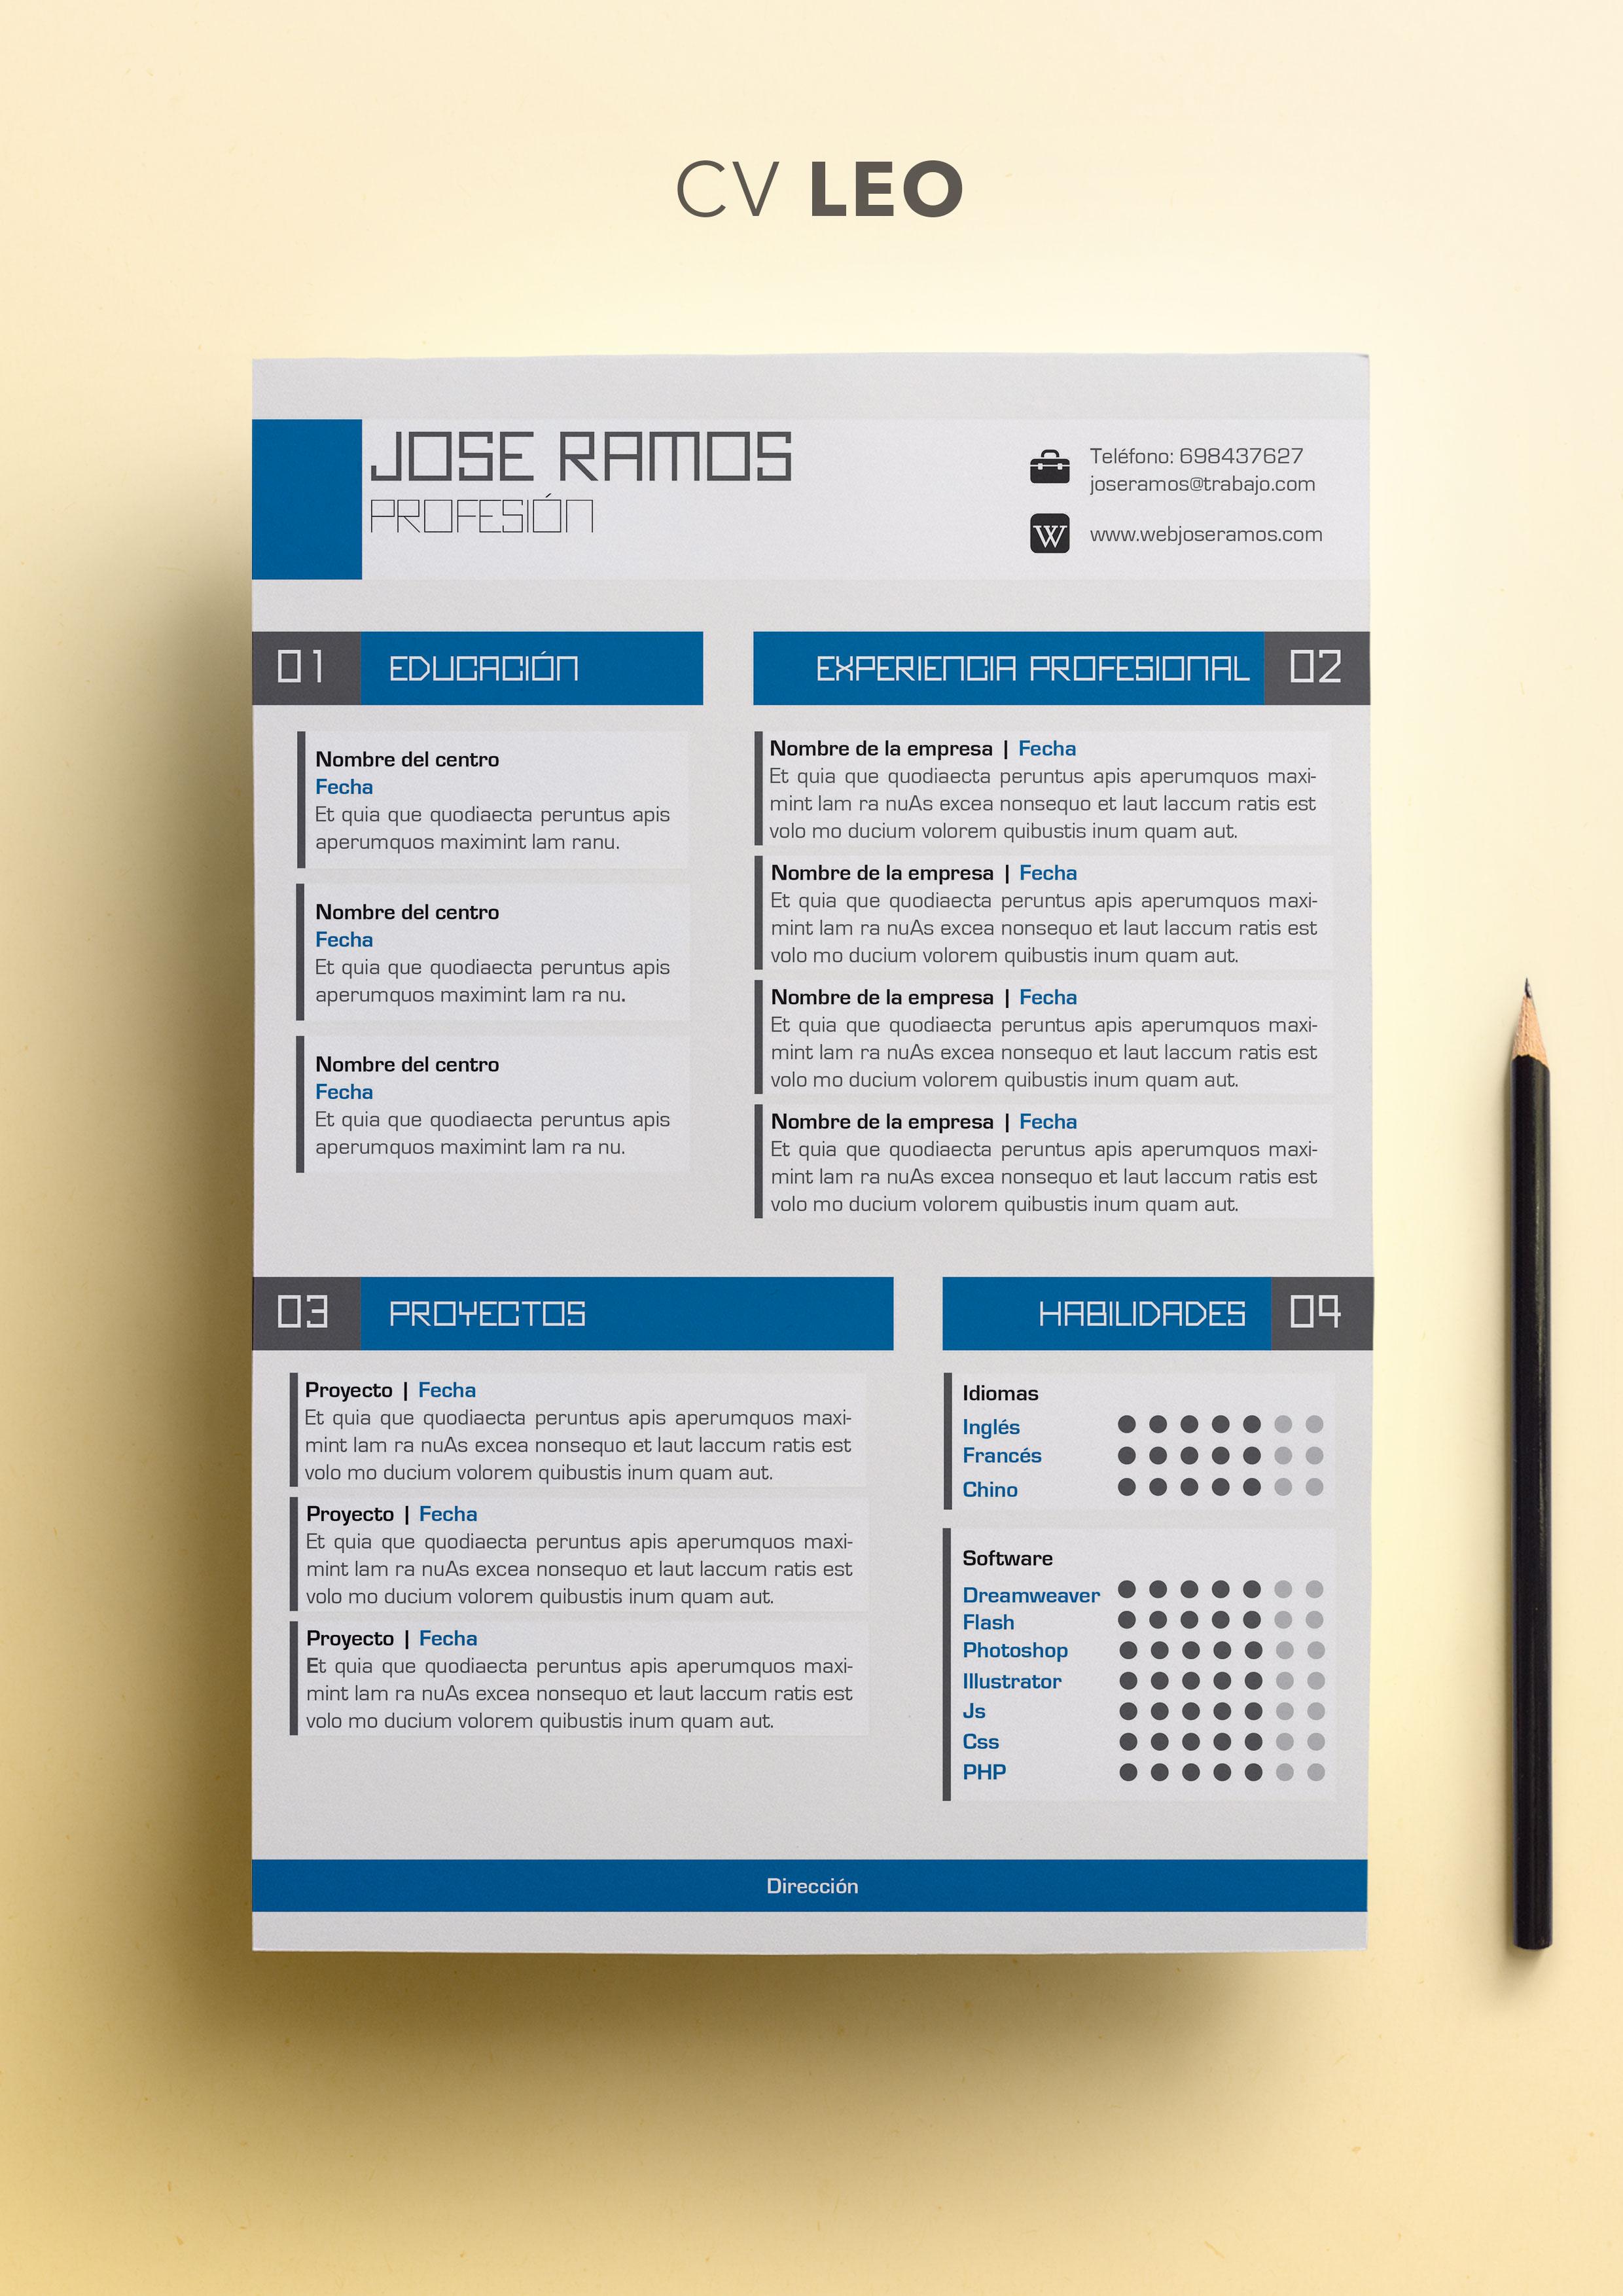 Curriculum Vitae modelo Leo | Plantillas de currículum